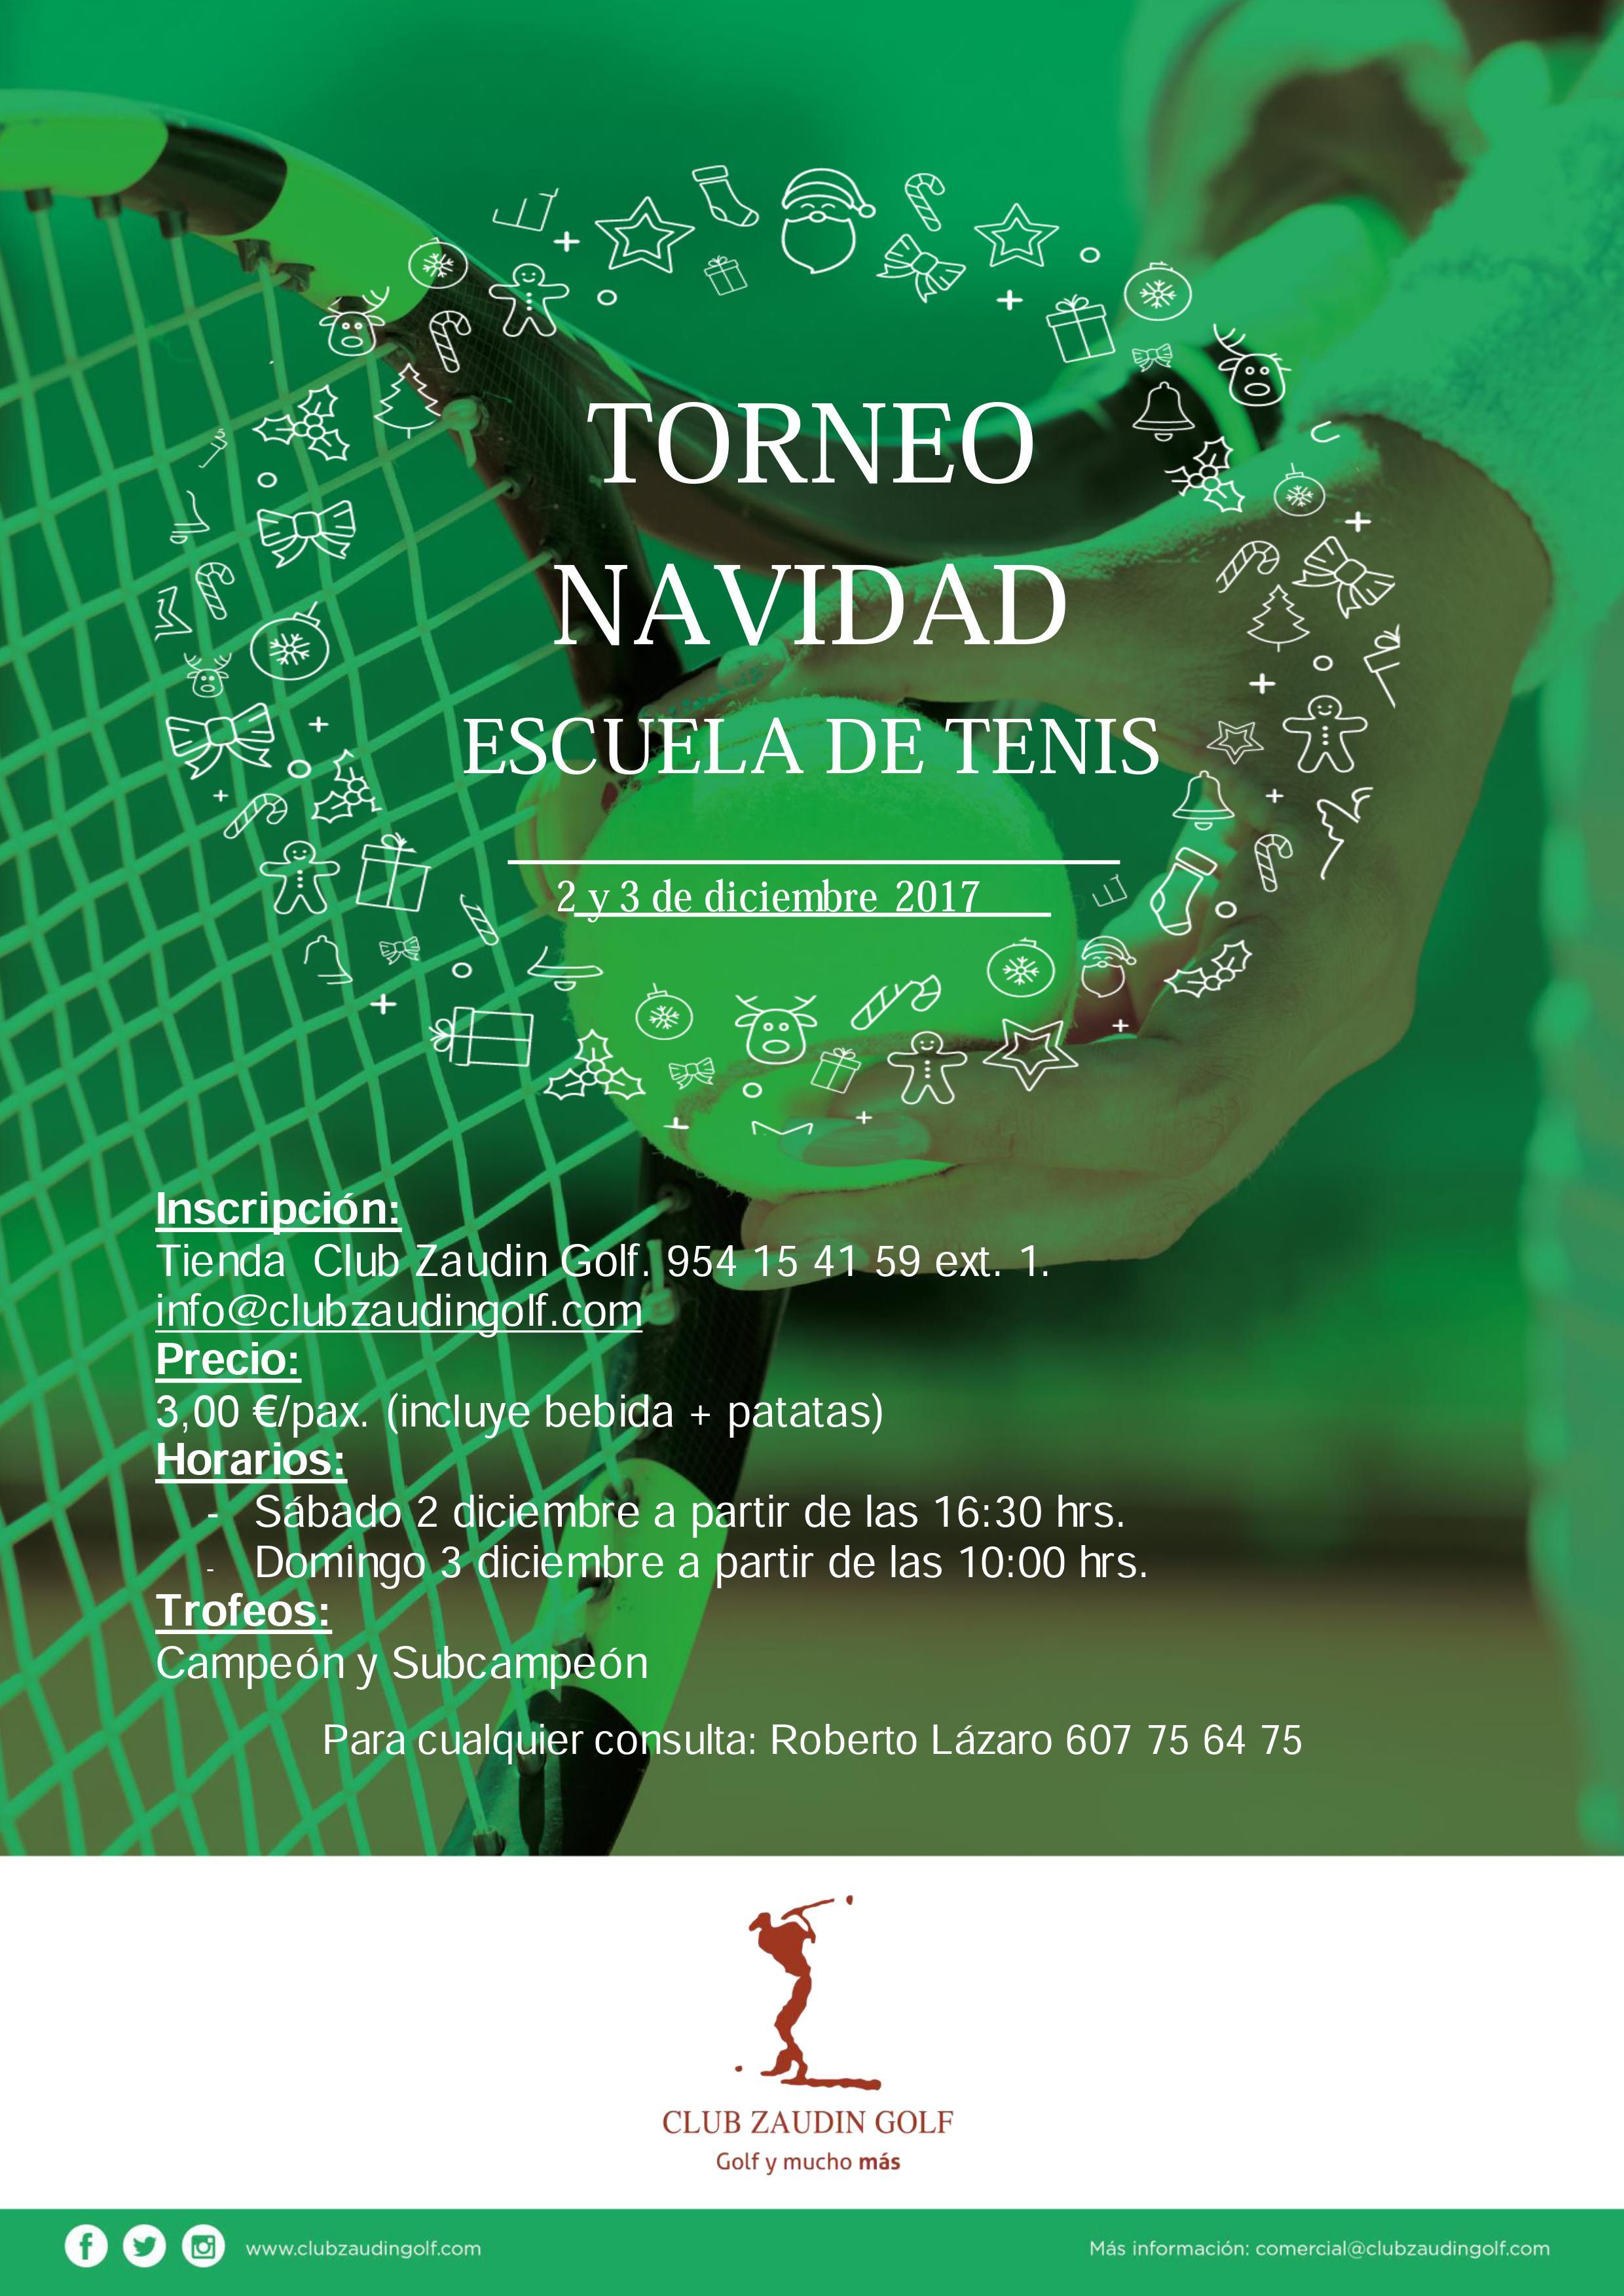 Torneo de Navidad de Tenis